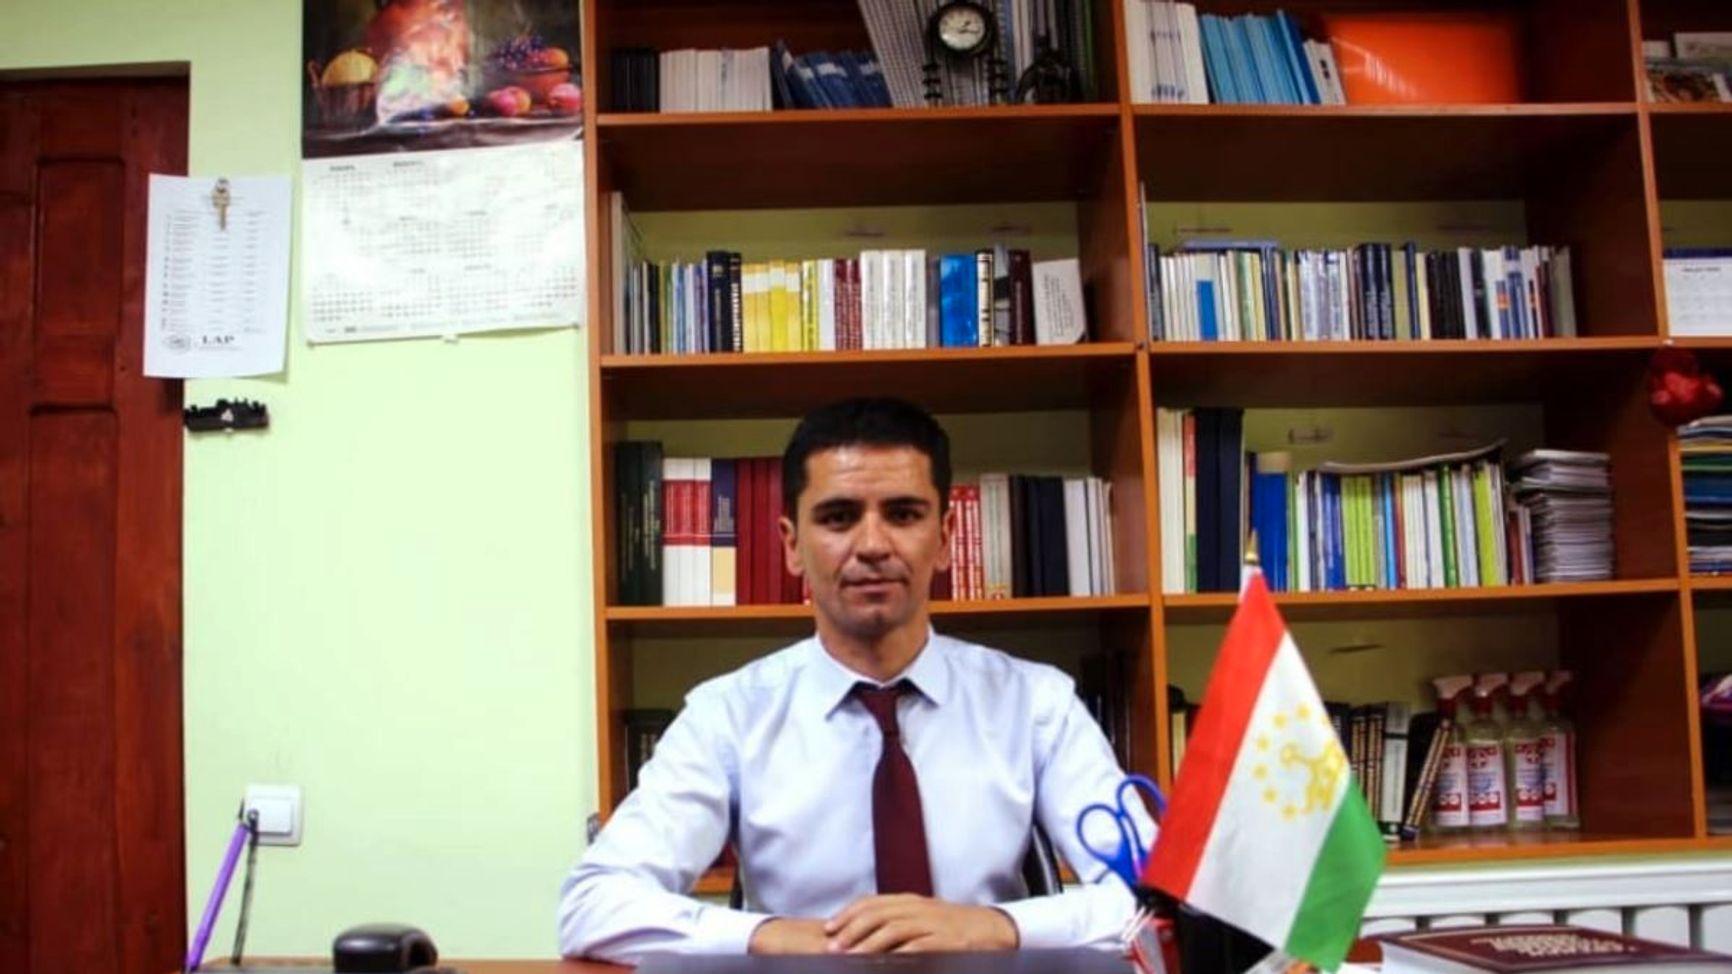 Адвокату Иргашеву из Хорога удалось заявить о себе как о перспективном независимом политике